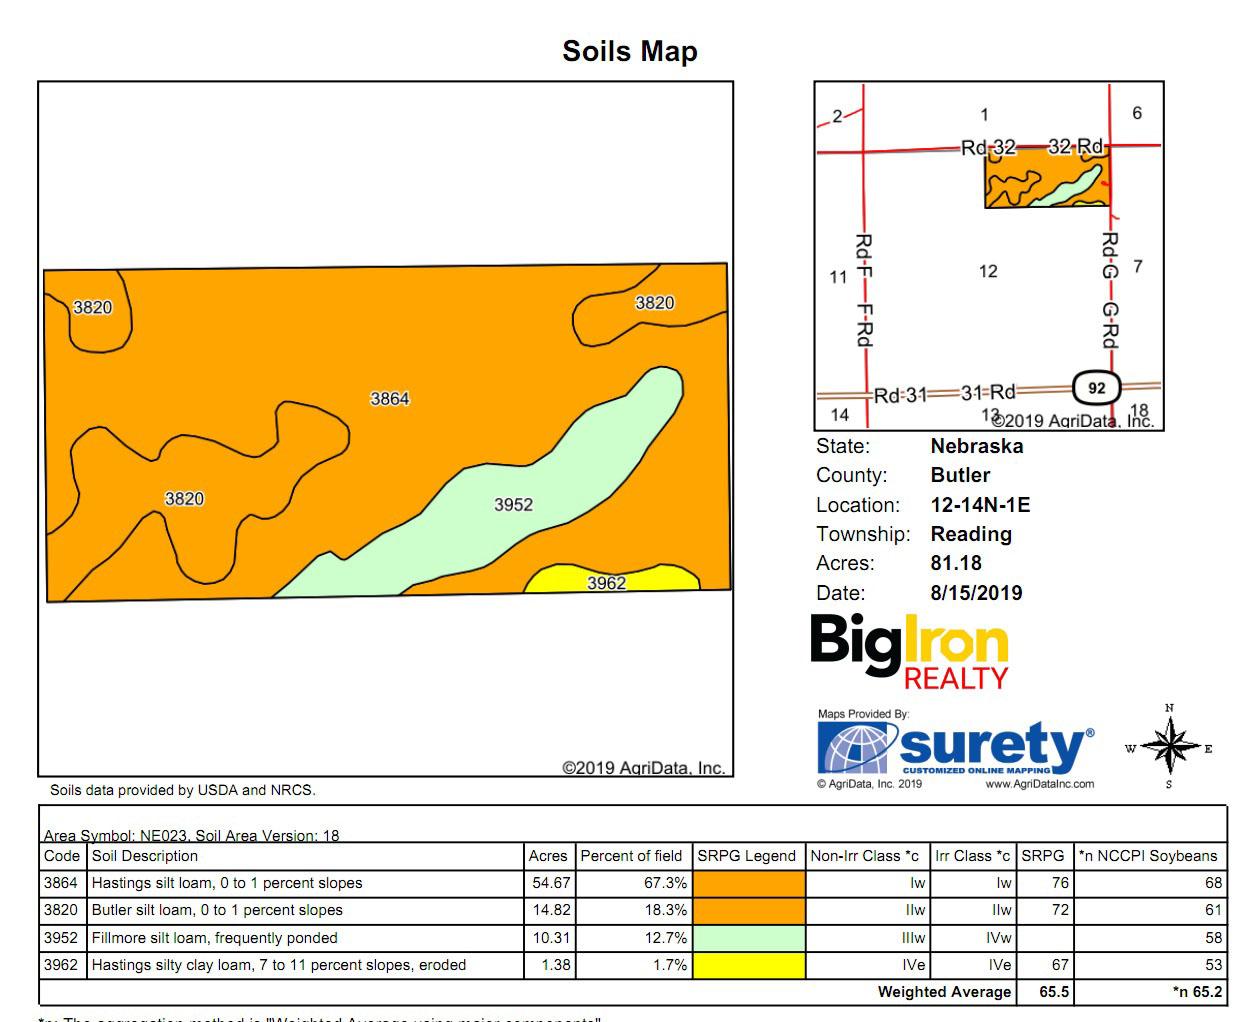 Soil Map 3-BIR62